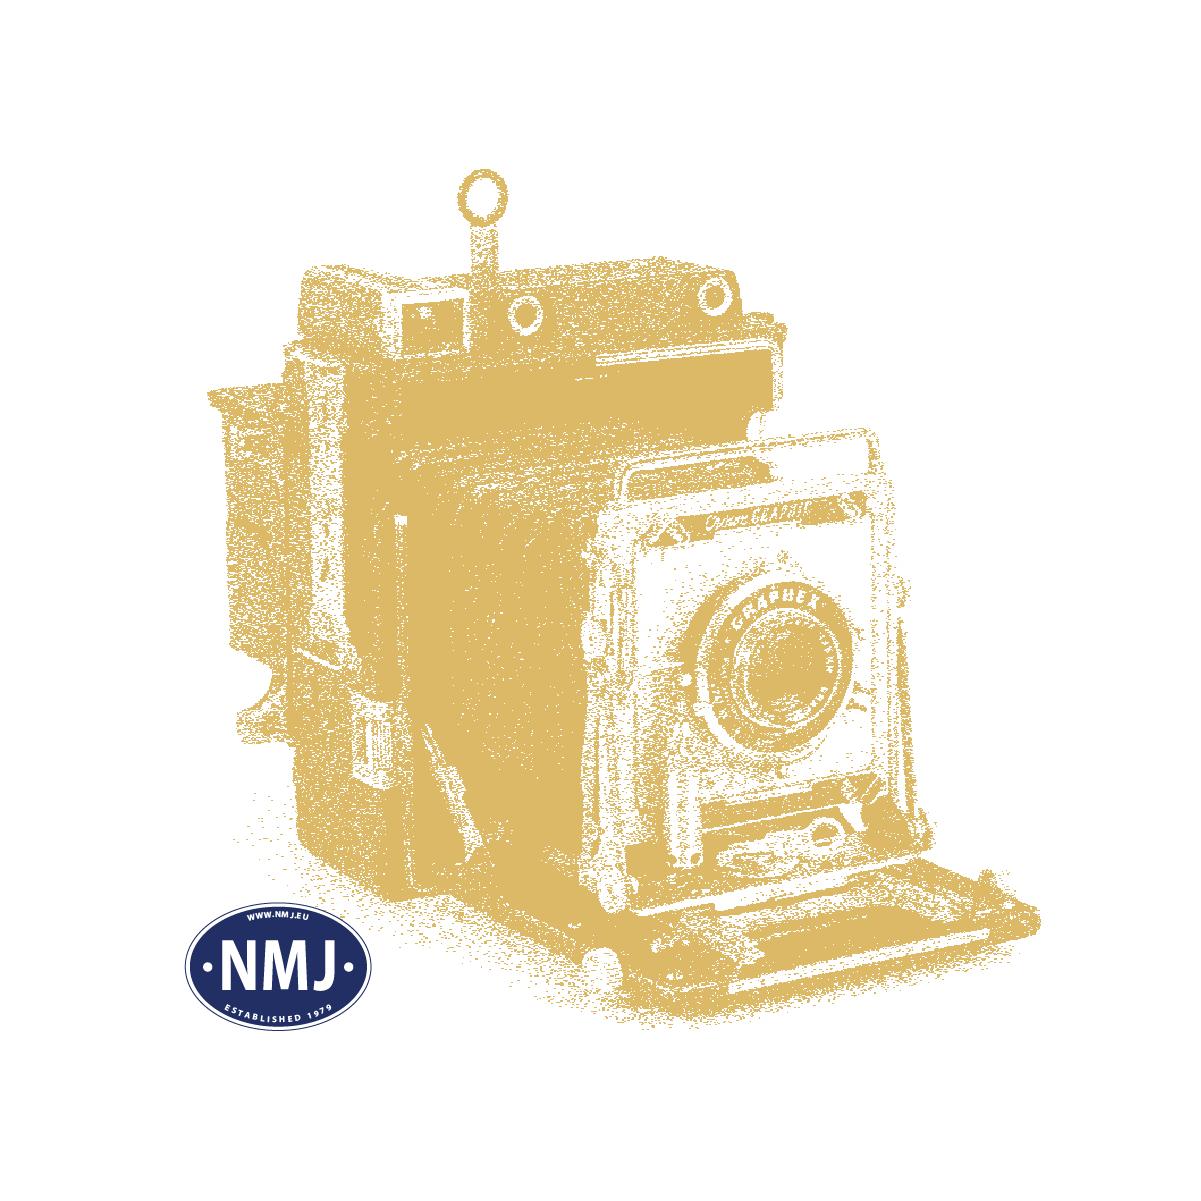 NMJT81.992 - NMJ Topline 4 teiliges Beleuchtungset für BM73, DC/DCC